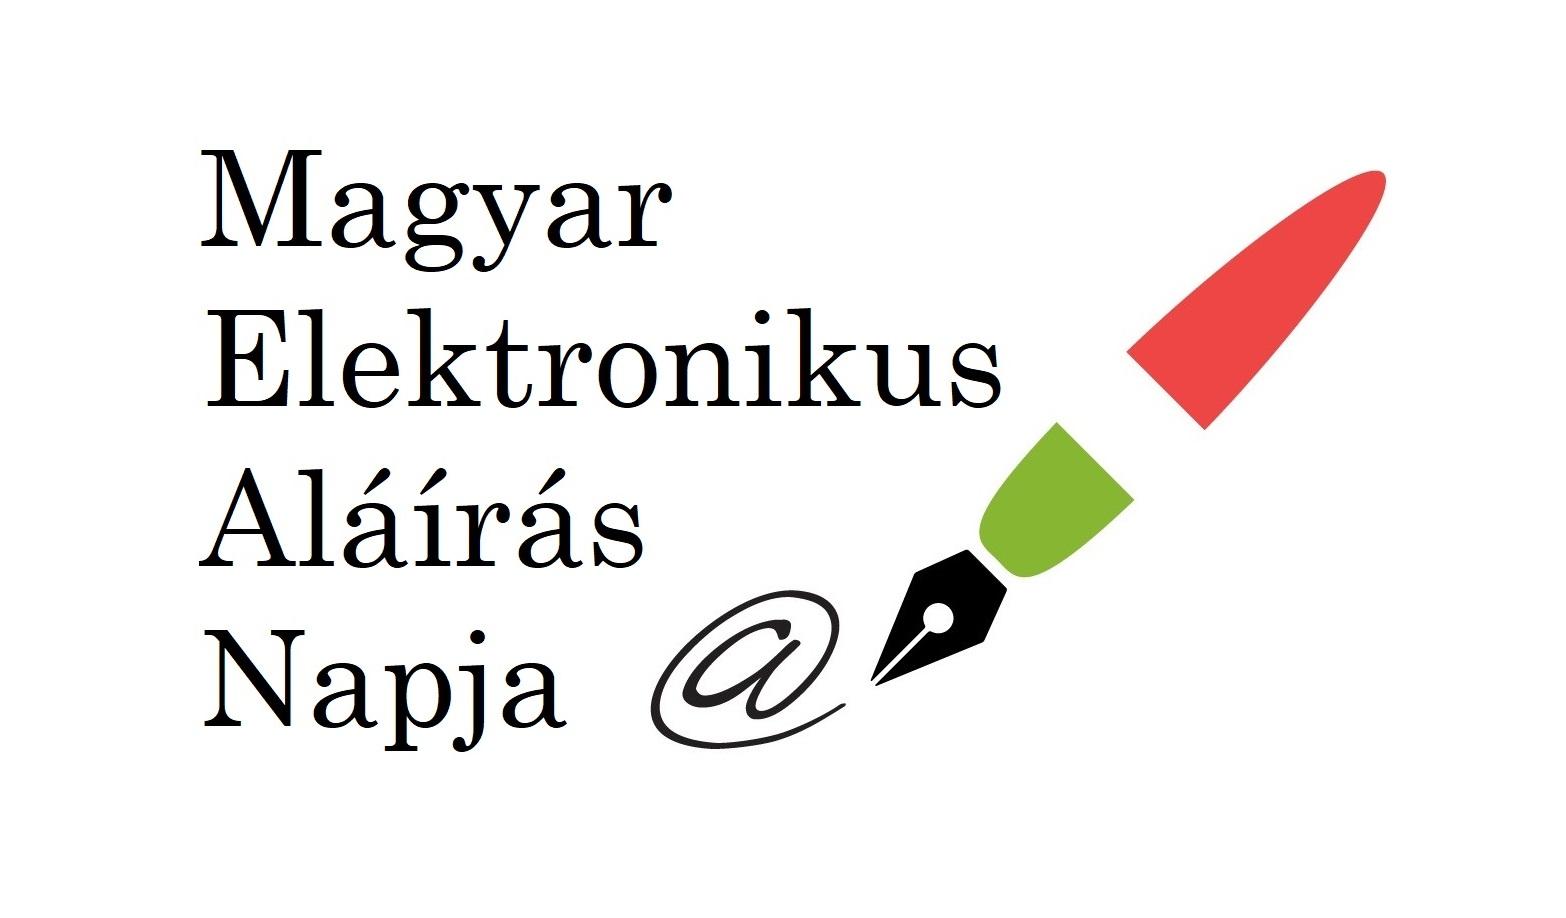 Hamarosan itt van a Magyar Elektronikus Aláírás Napja (2021. június 30.)